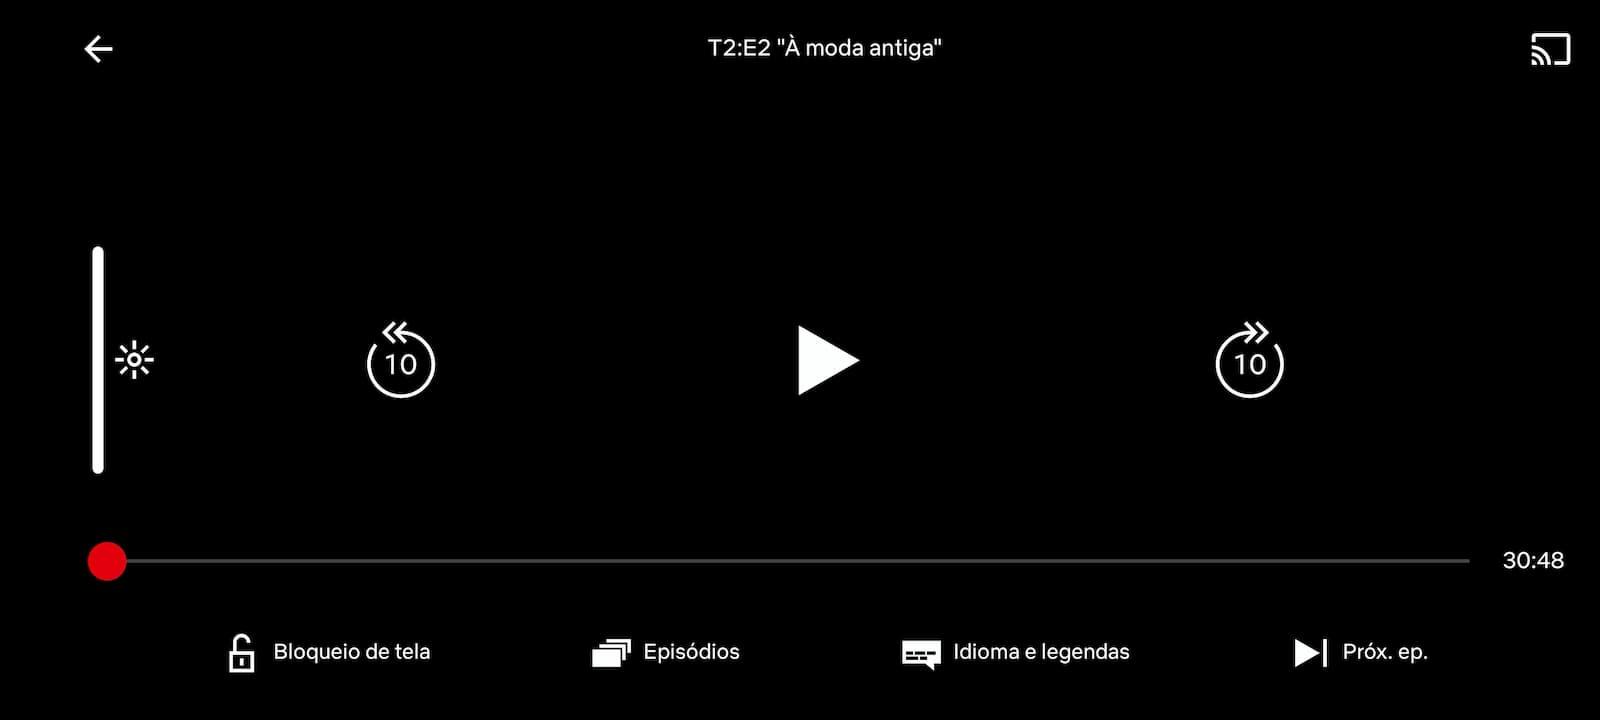 Opção de bloquear tela no aplicativo da Netflix